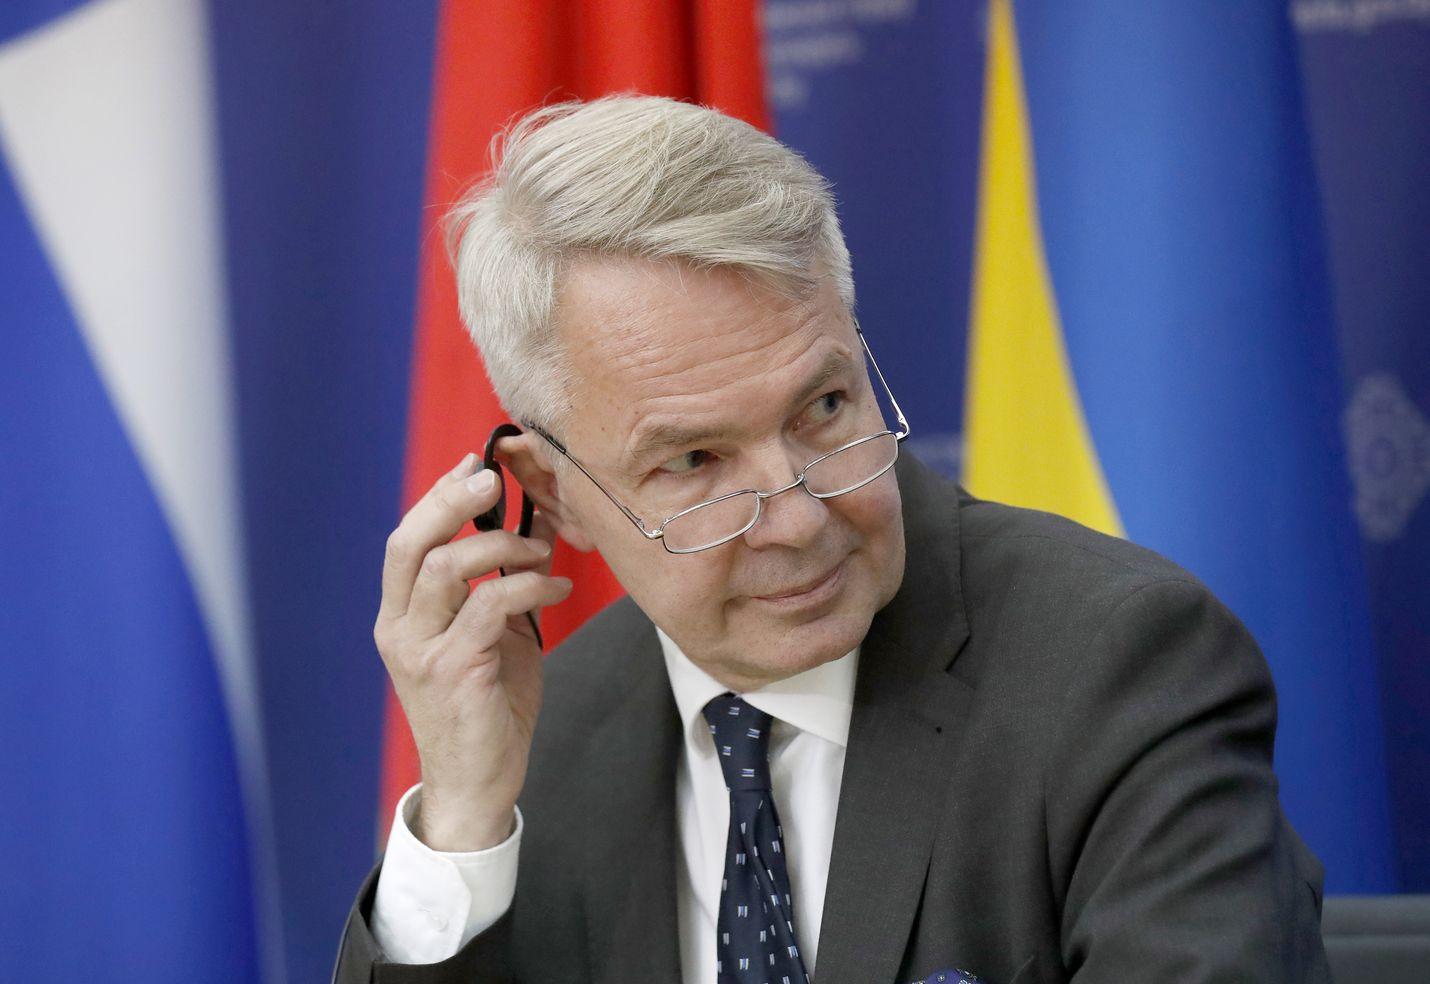 Viime aikojen kohu ei ole vähentänyt vihreiden luottoa ulkoministeri Pekka Haavistoon. Puolue näytti maanantaina vihreää valoa Haaviston jatkolle pestissään.